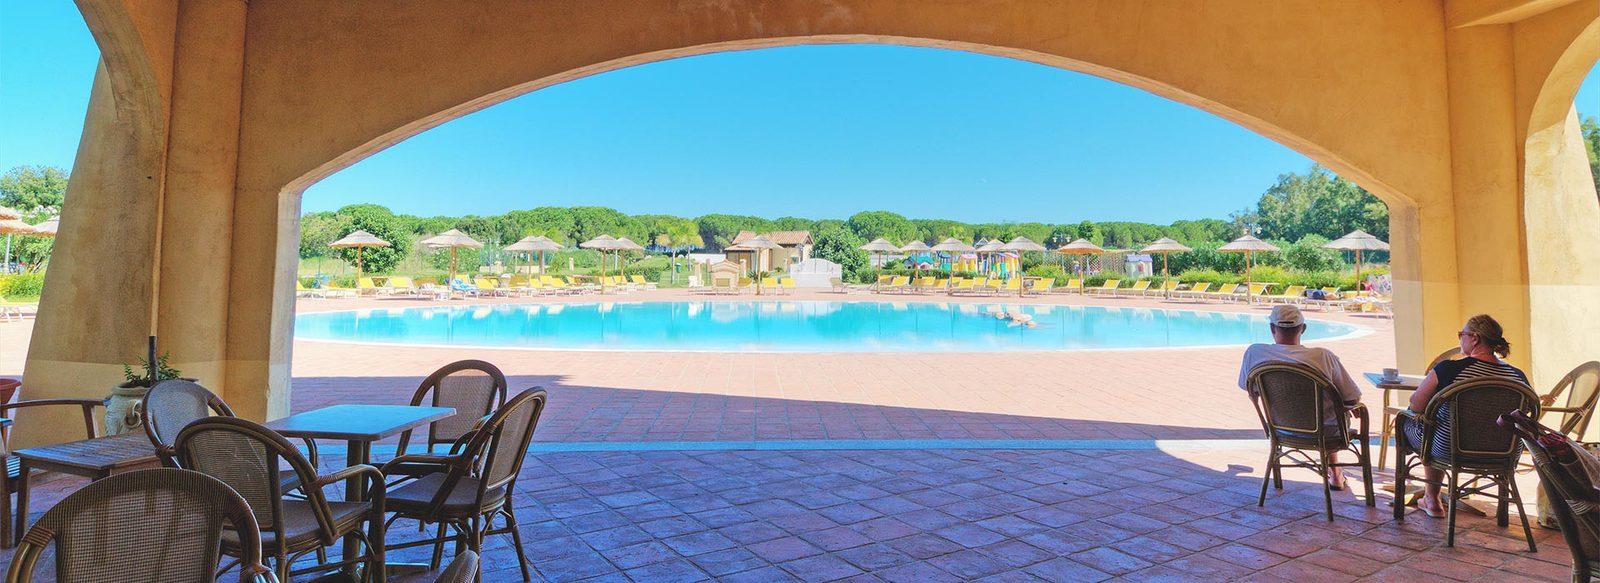 Hotel per famiglie con ampia spiaggia